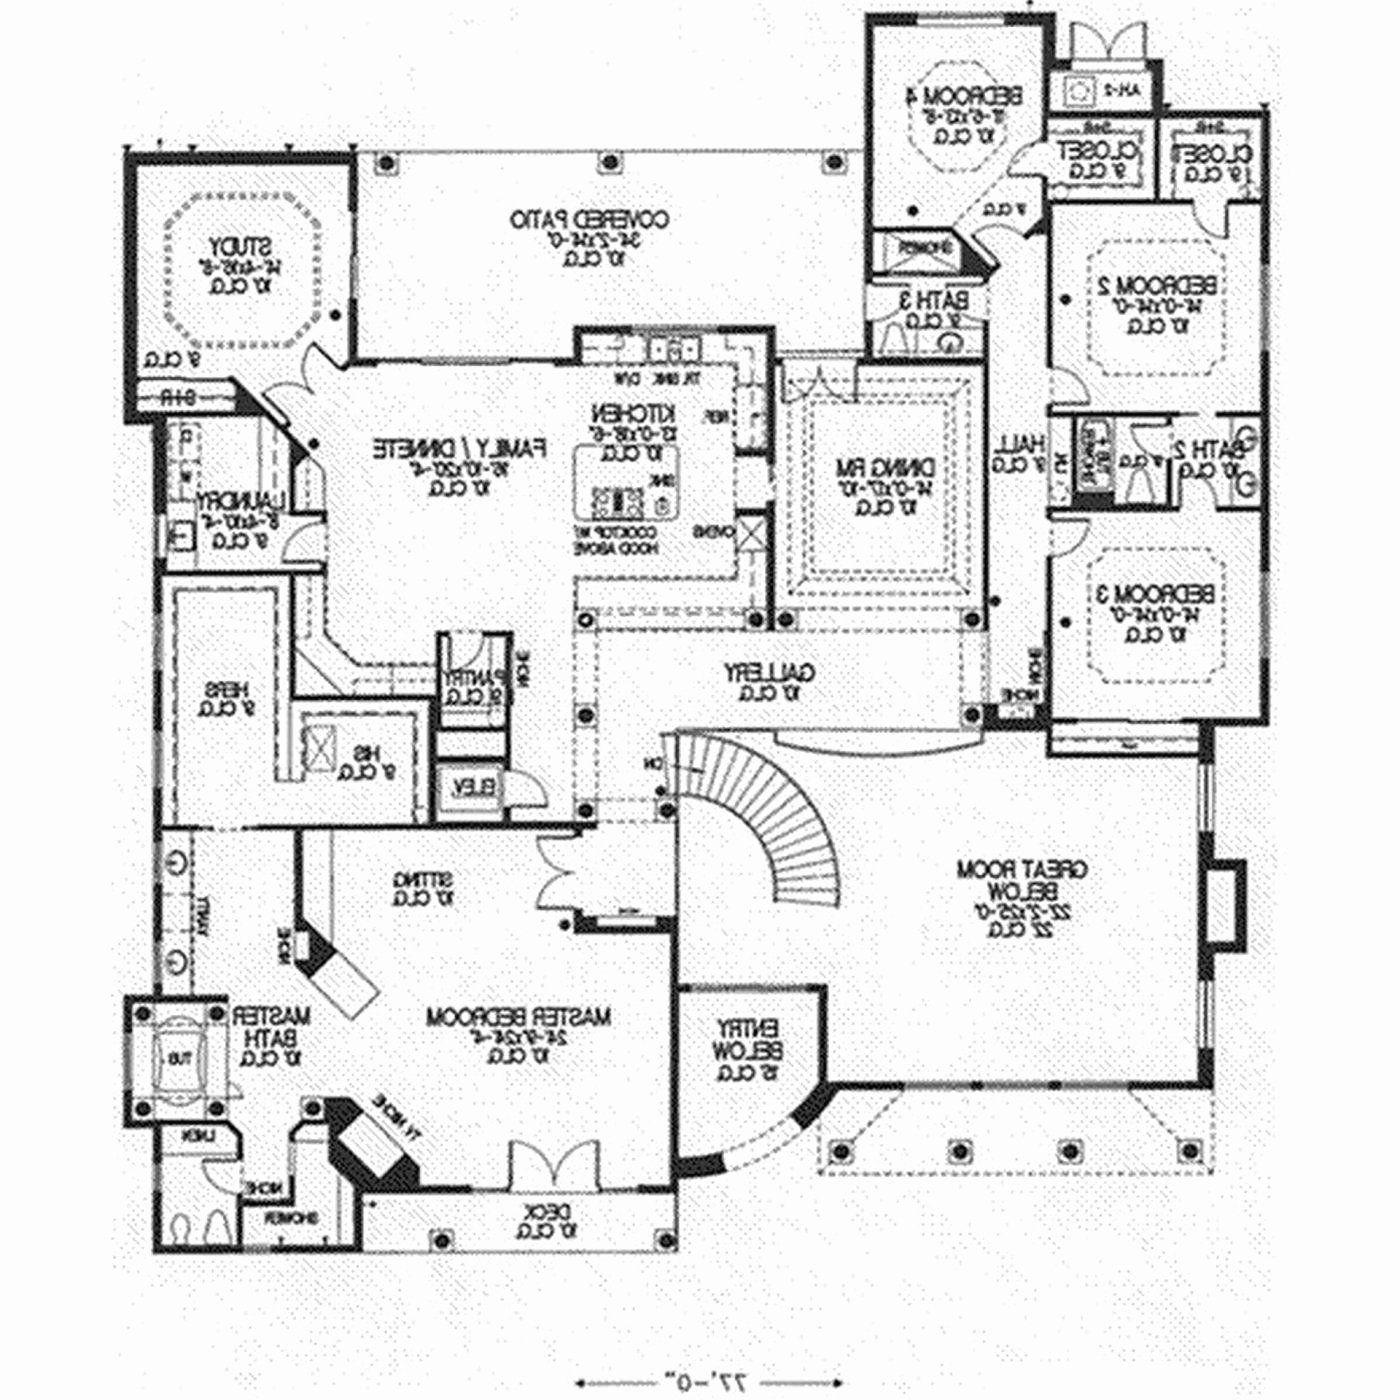 Medieval Castle House Plans Fresh 50 Amazing Graph Me Val Castle House Plans In 2020 Dream House Drawing House Blueprints Beach House Floor Plans